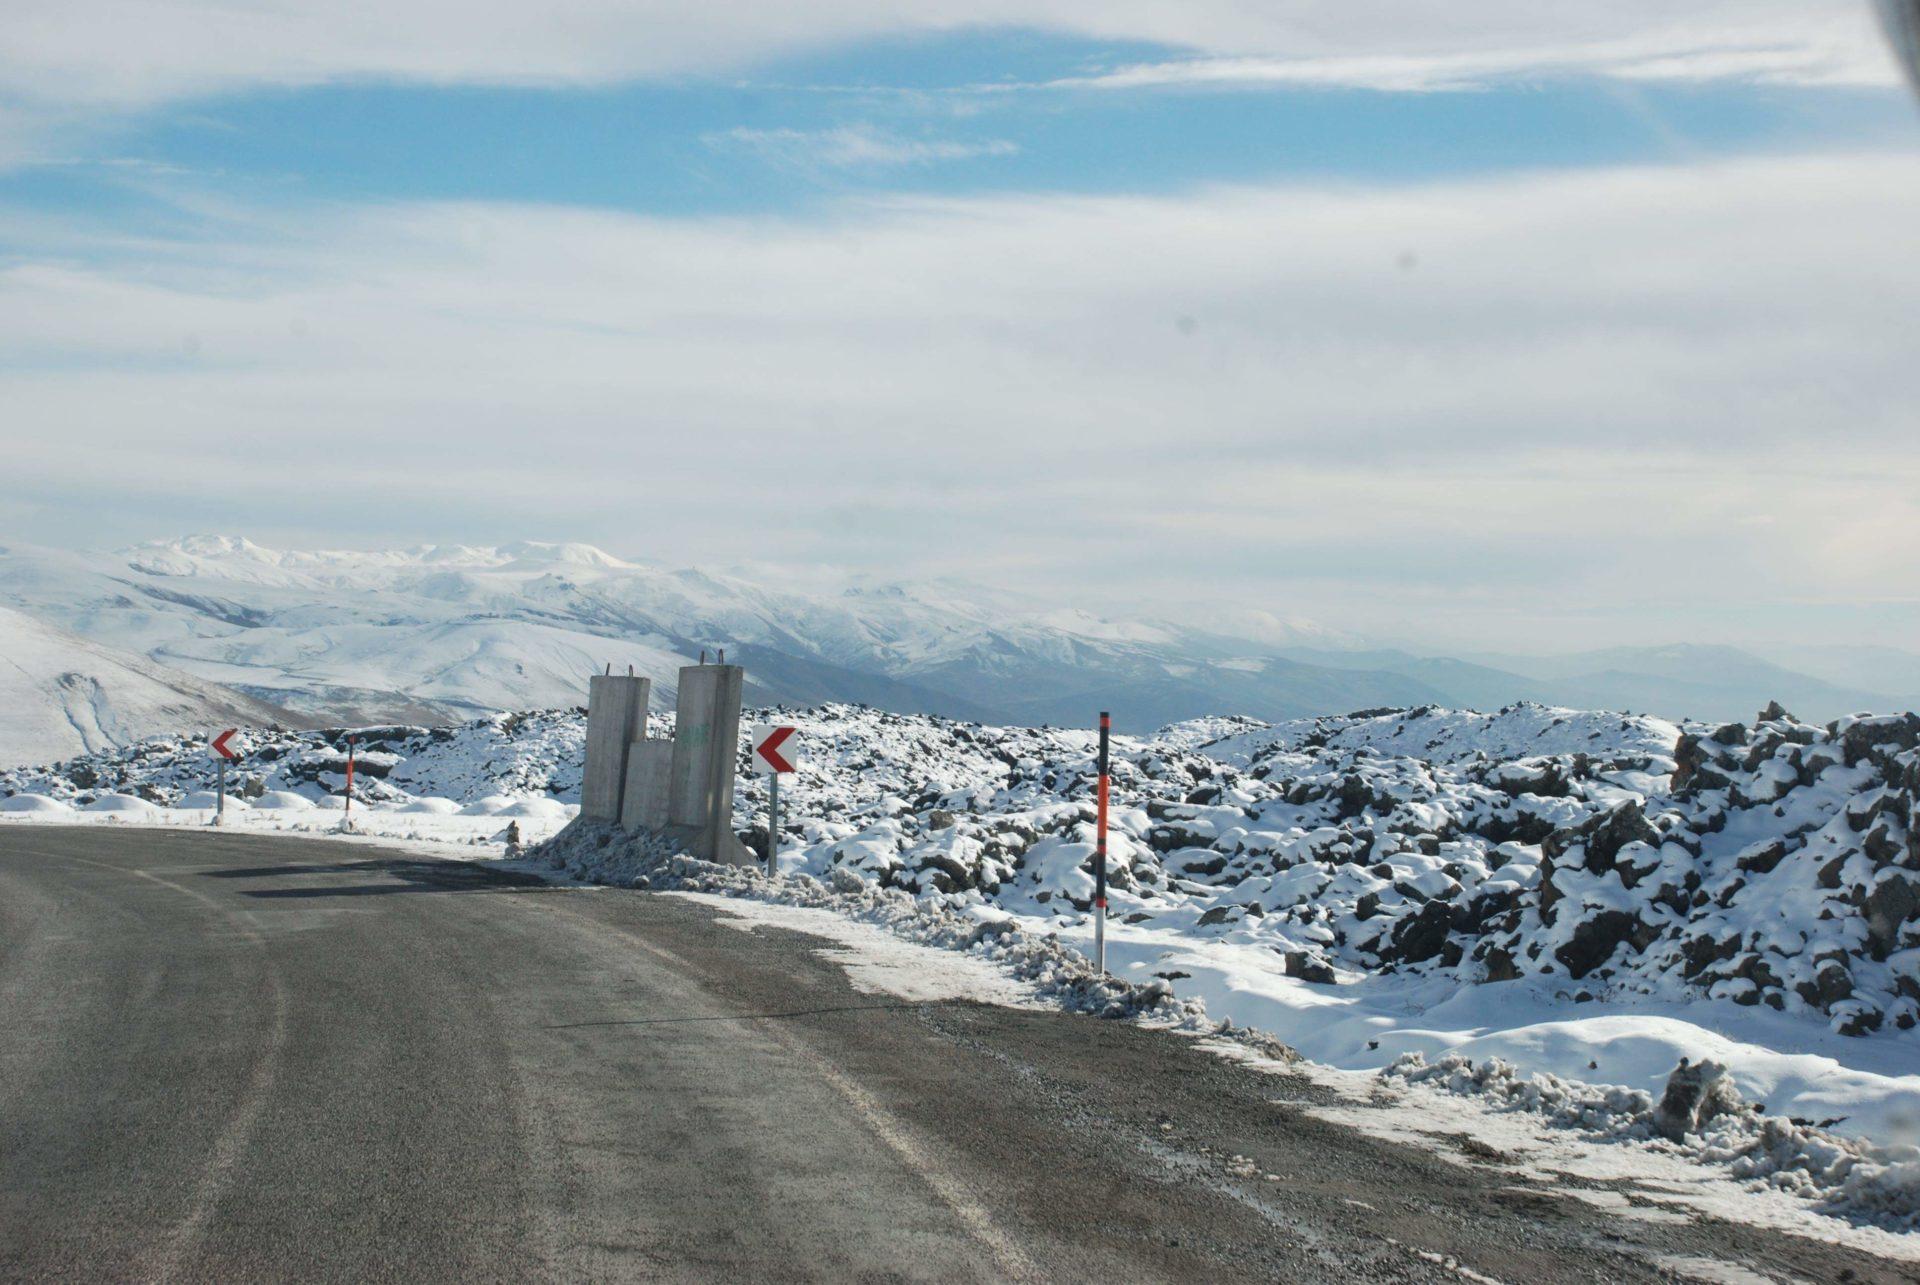 fot. Marta Burza, ośnieżone drogi nad którymi czuwa żandarmeria